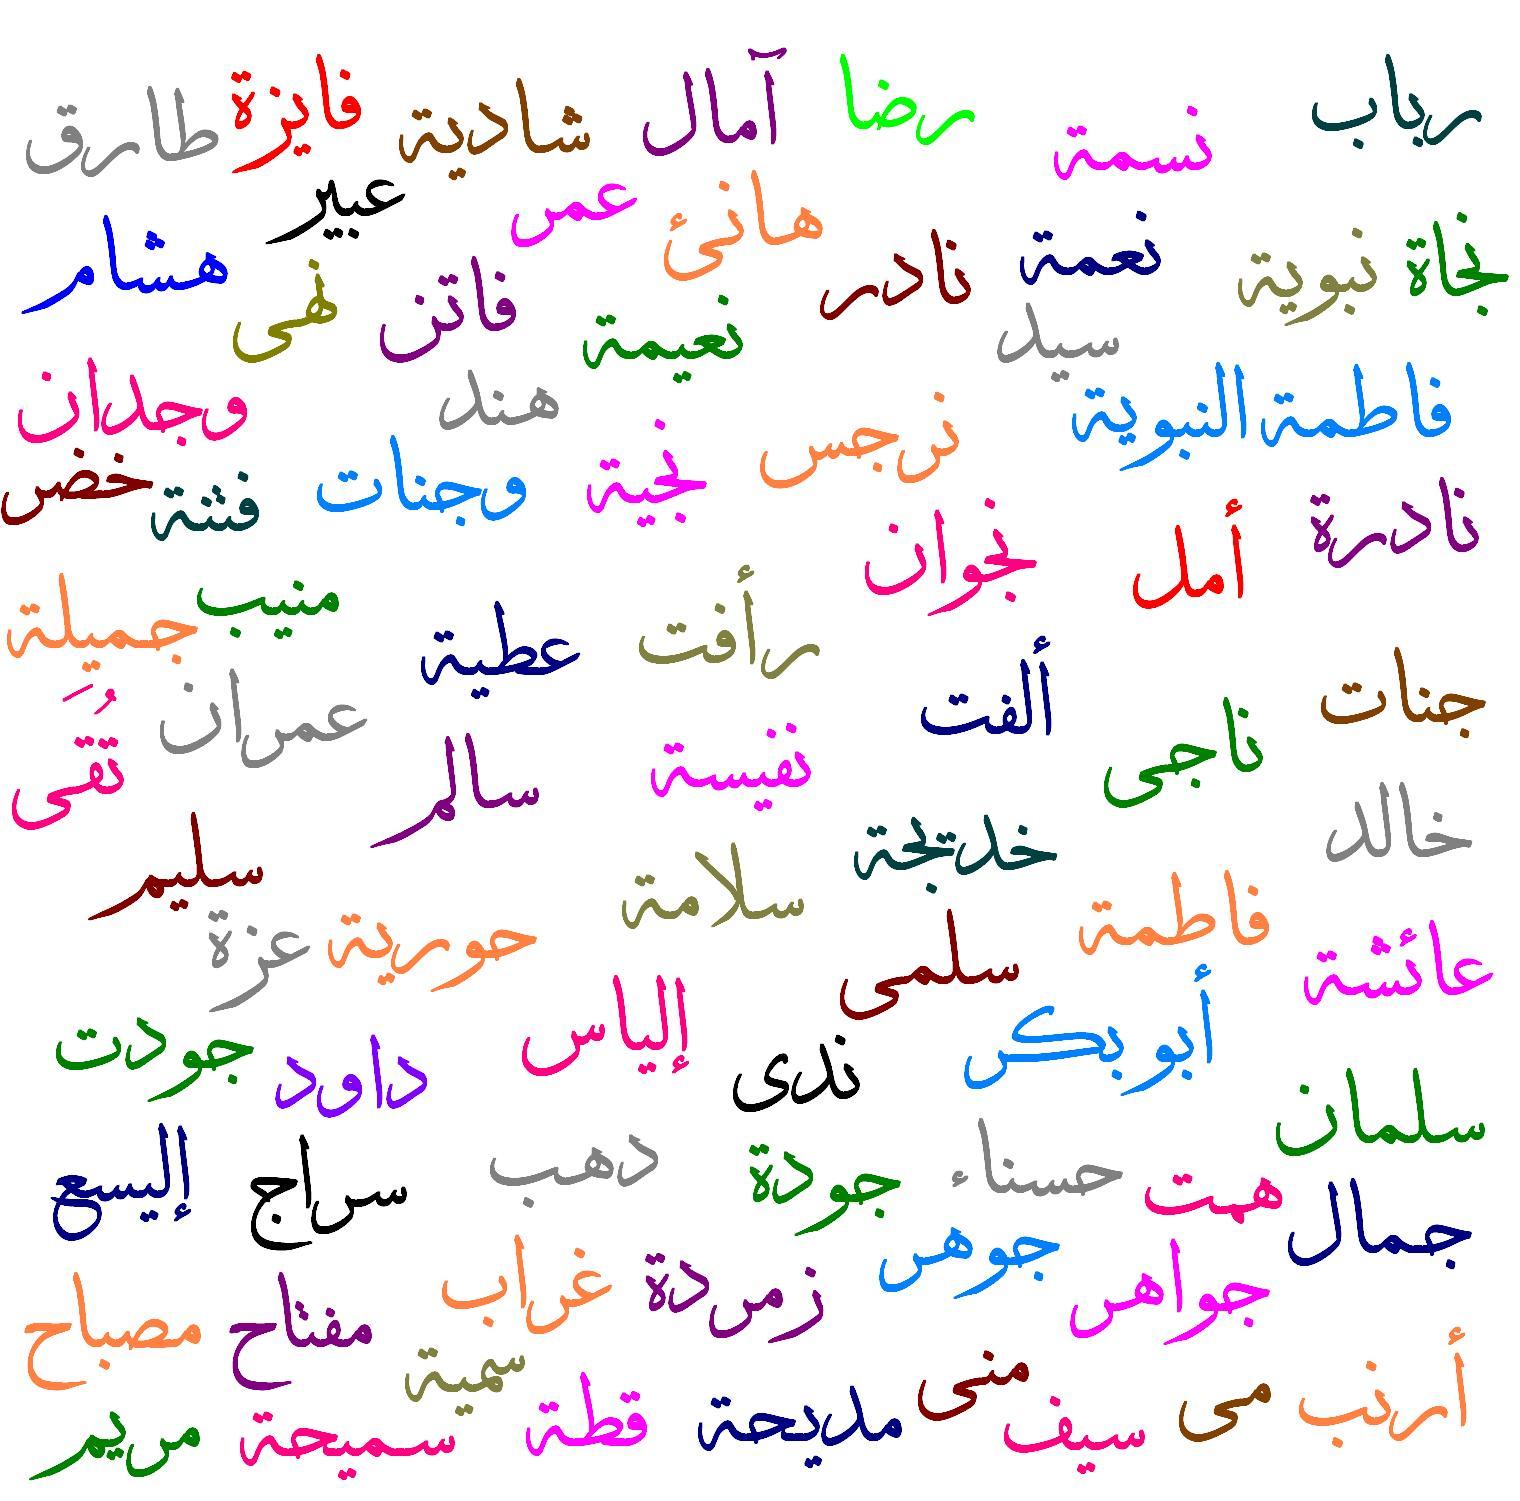 اسماء انستقرام بالانجليزي أسماء بنات انستقرام روعة اسماء